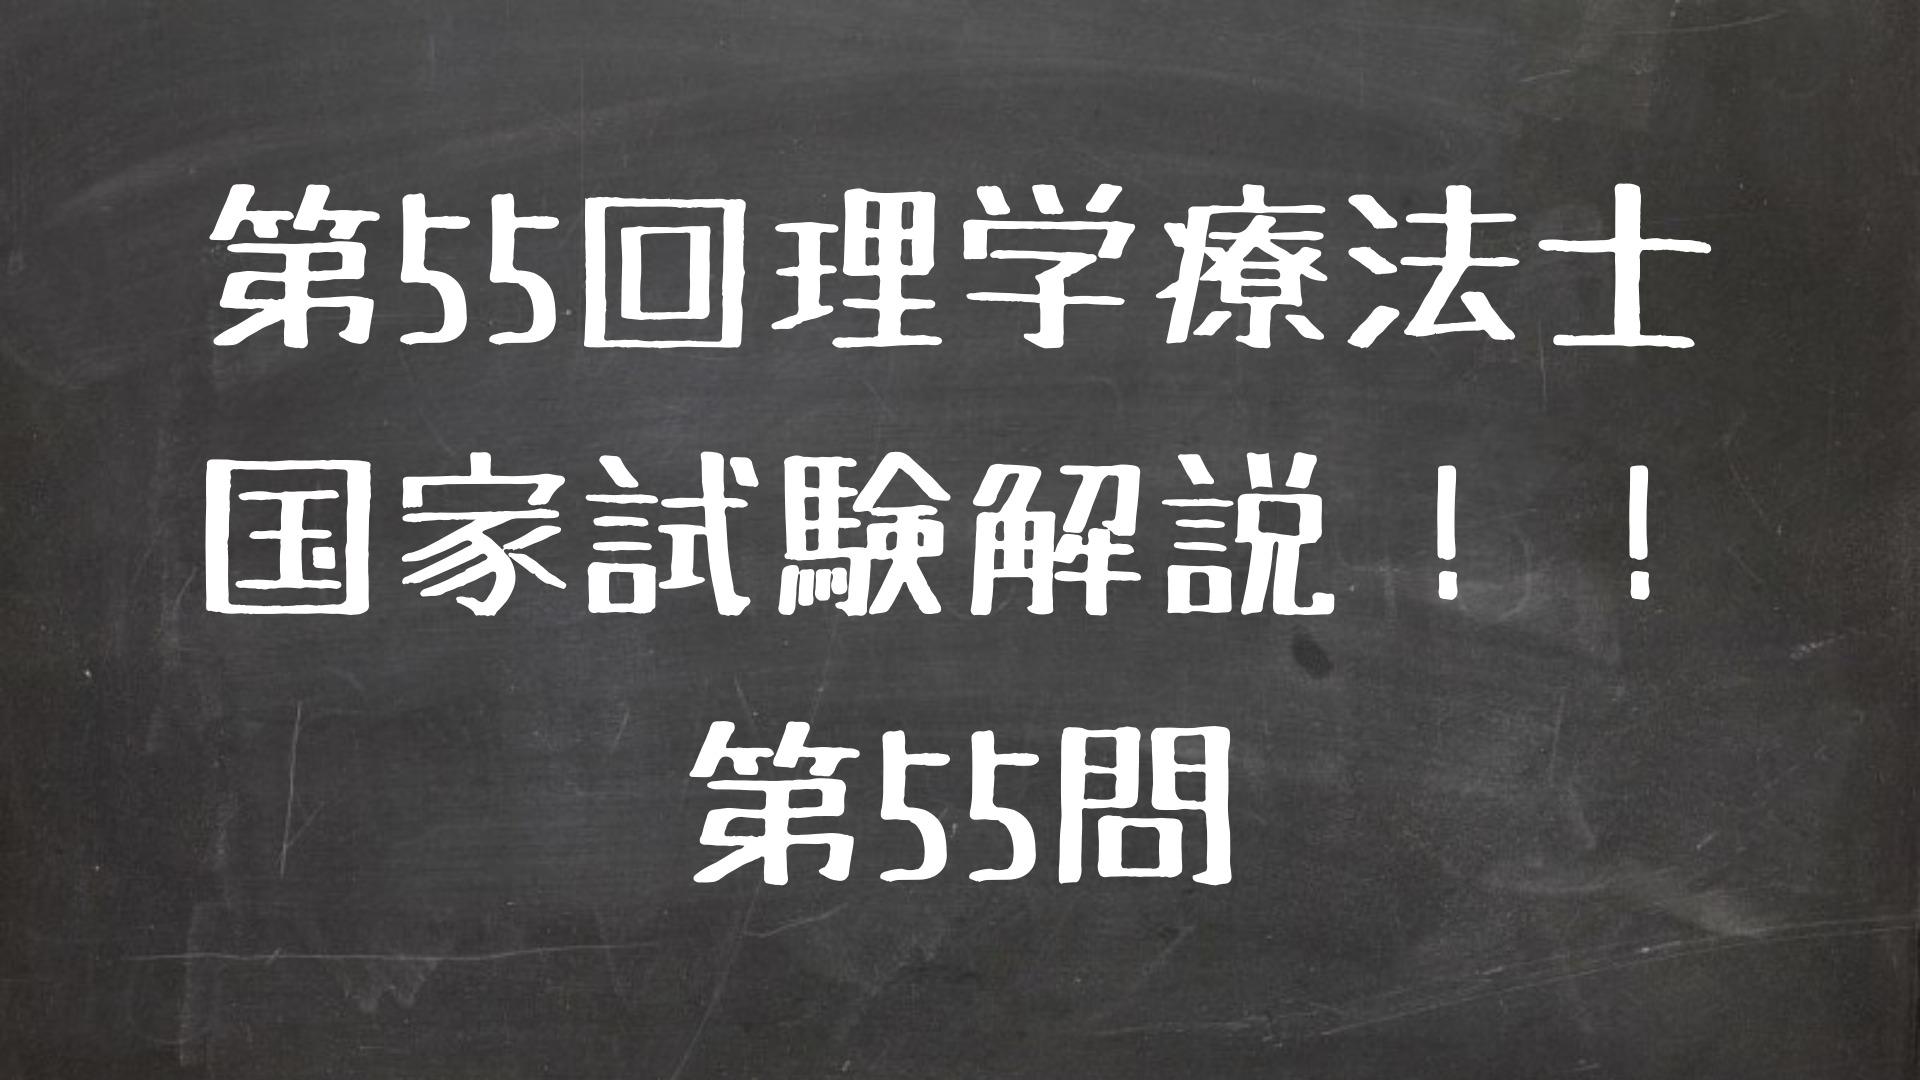 第55回理学療法士国家試験 午前 第55問